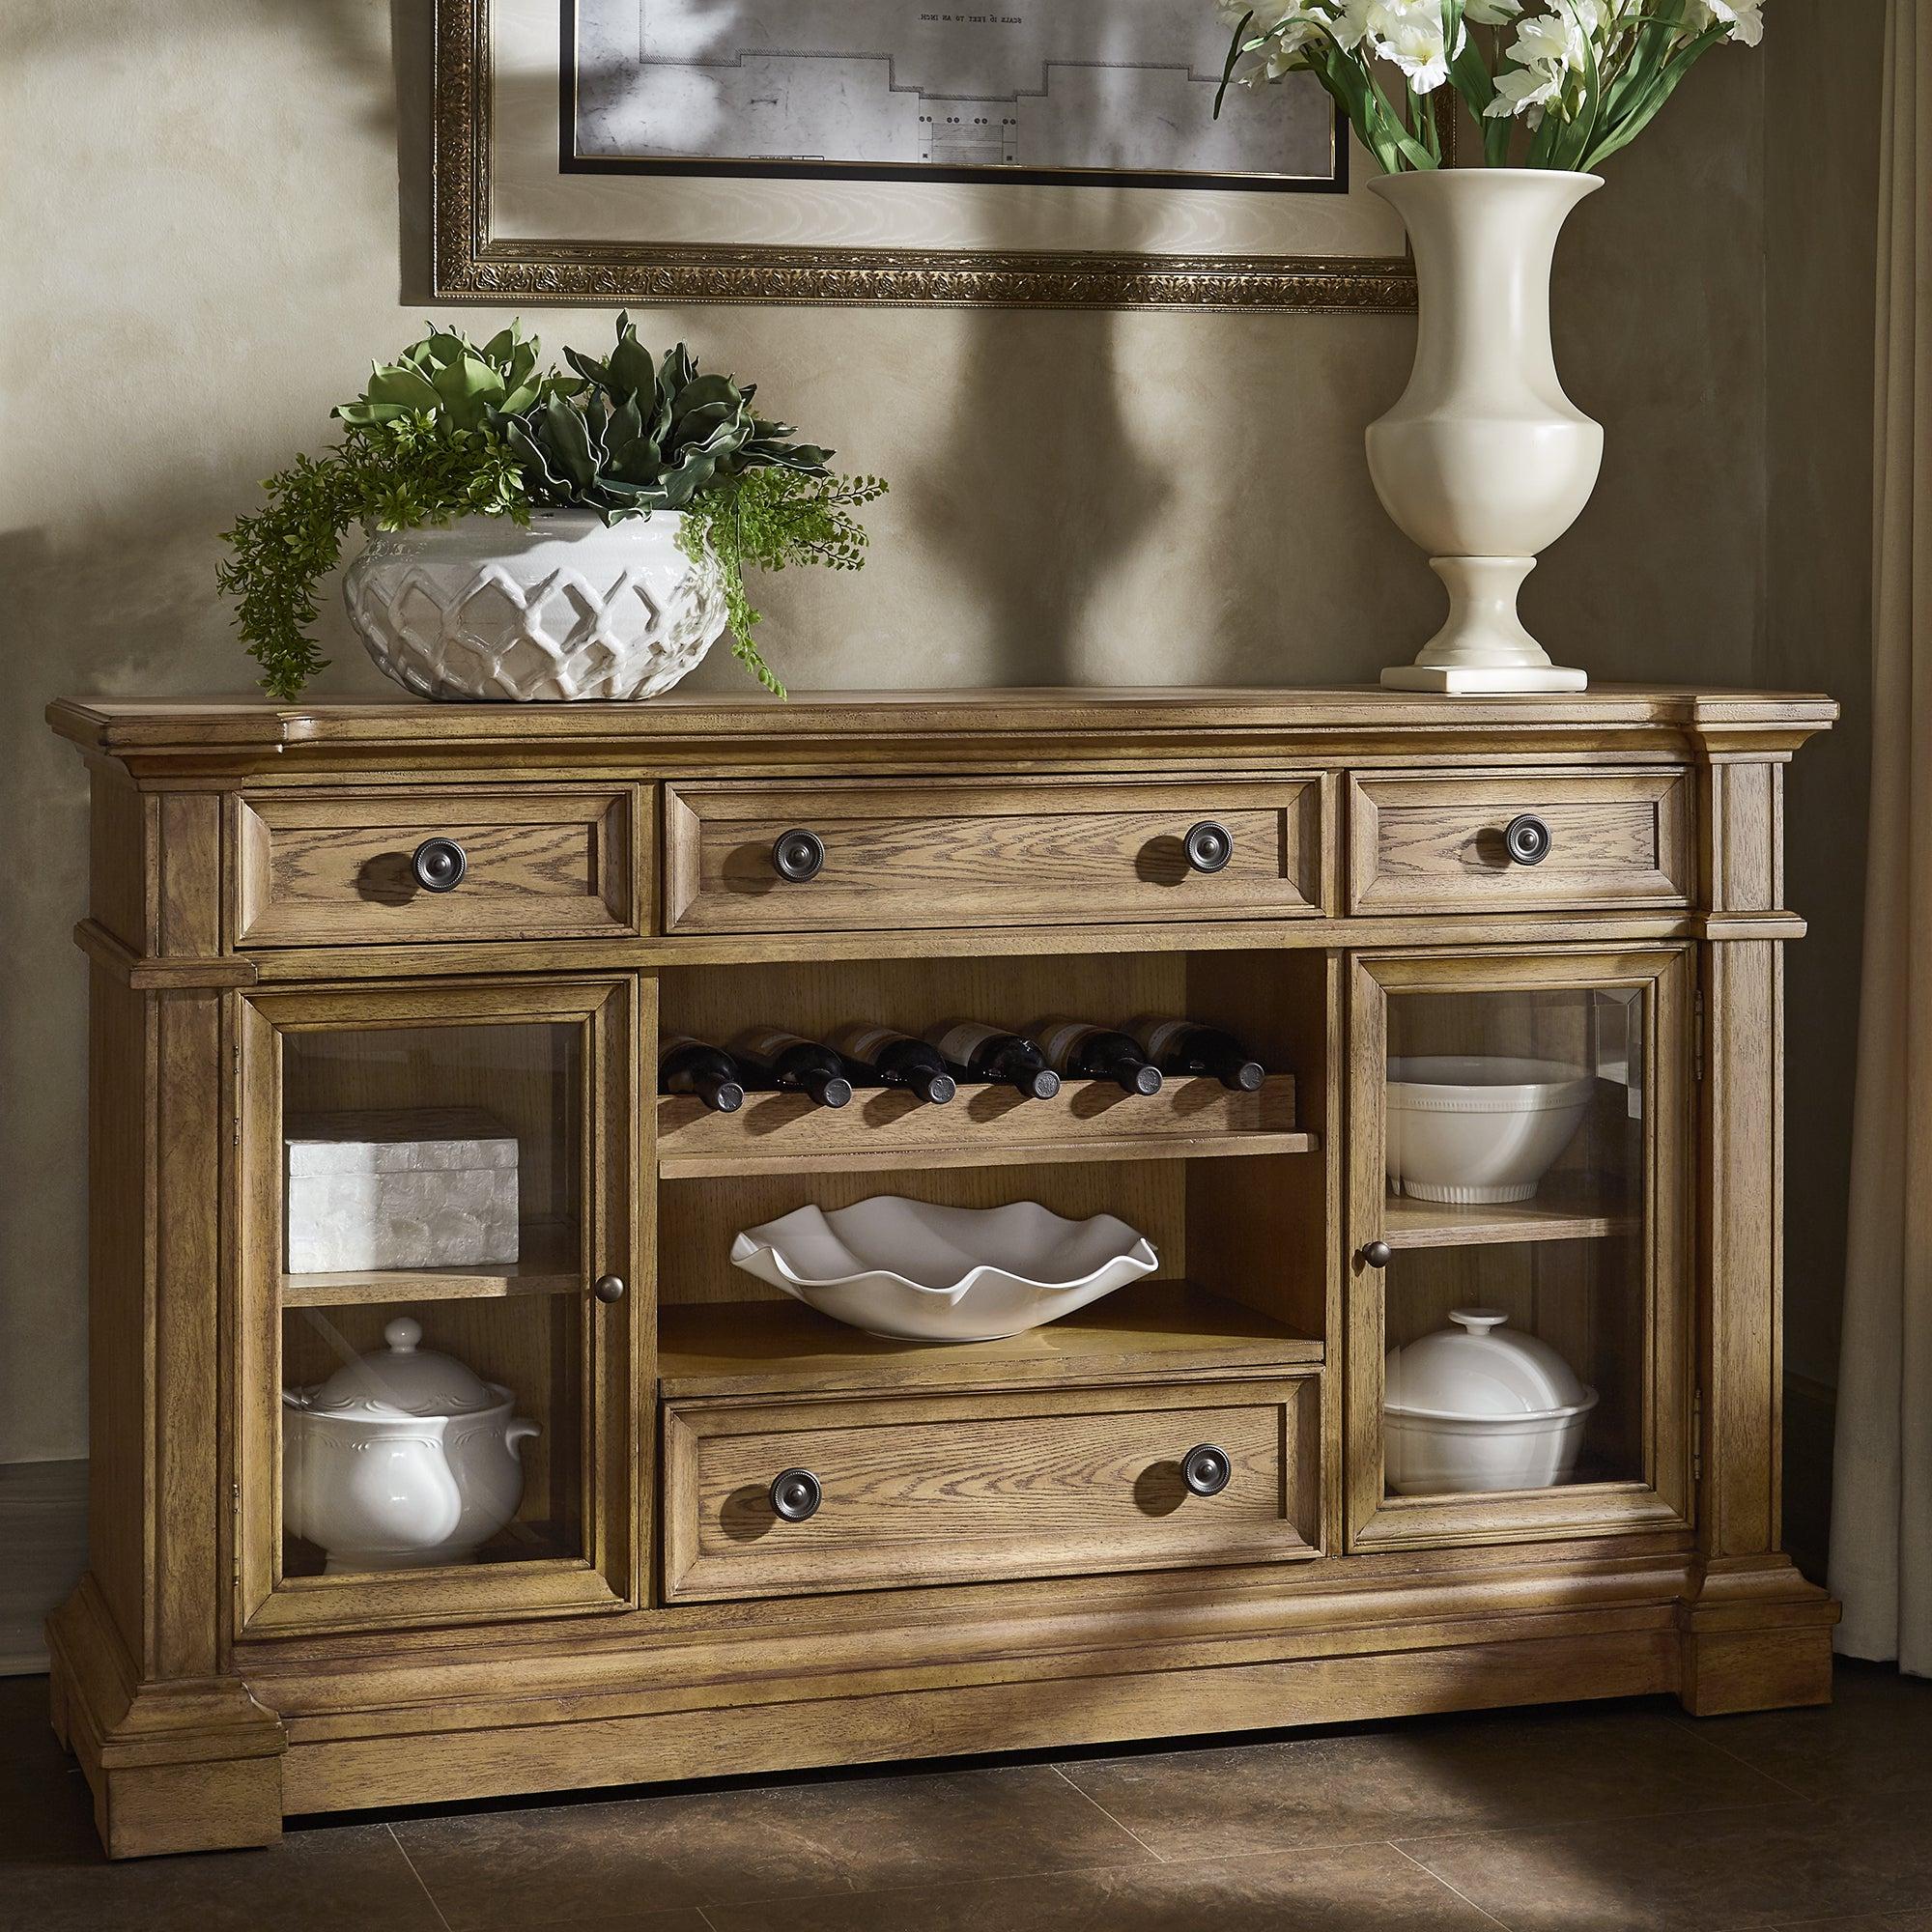 Gilderoy Natural Oak Finish Buffetinspire Q Artisan Throughout Modern Natural Oak Dining Buffets (View 8 of 20)